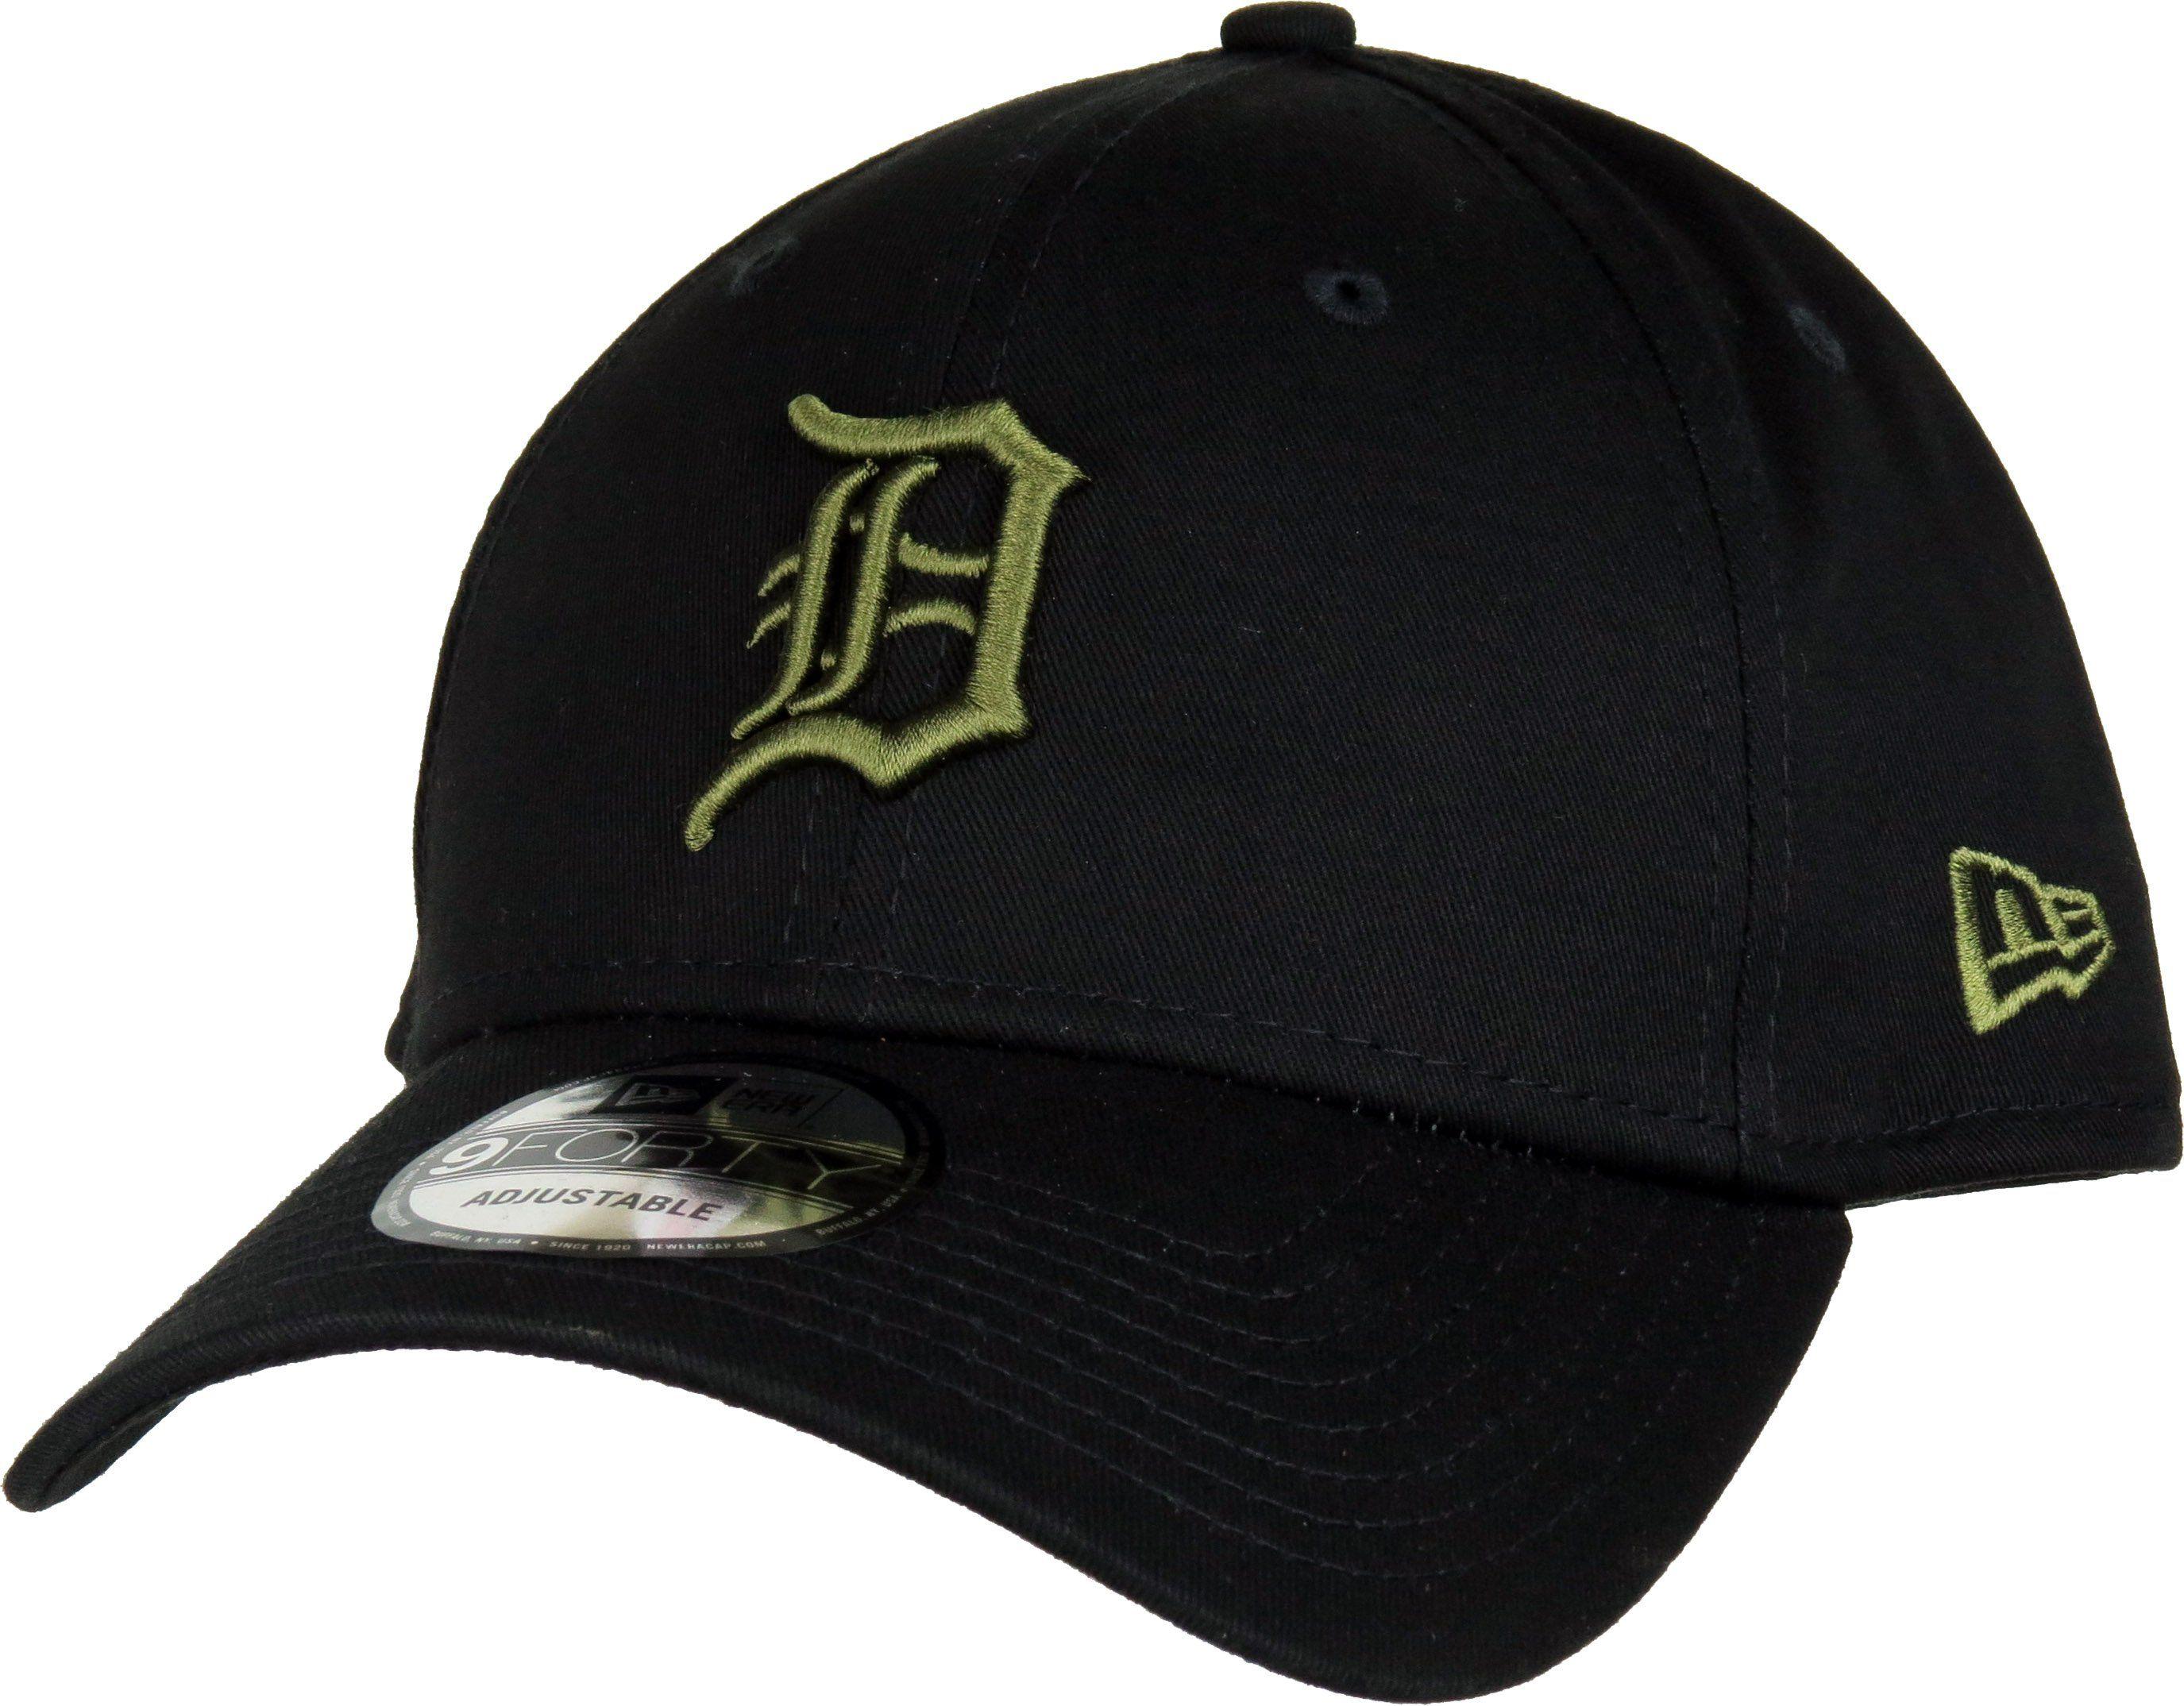 c55318e2922 New Era 940 League Essential Detroit Tigers Baseball Cap Black